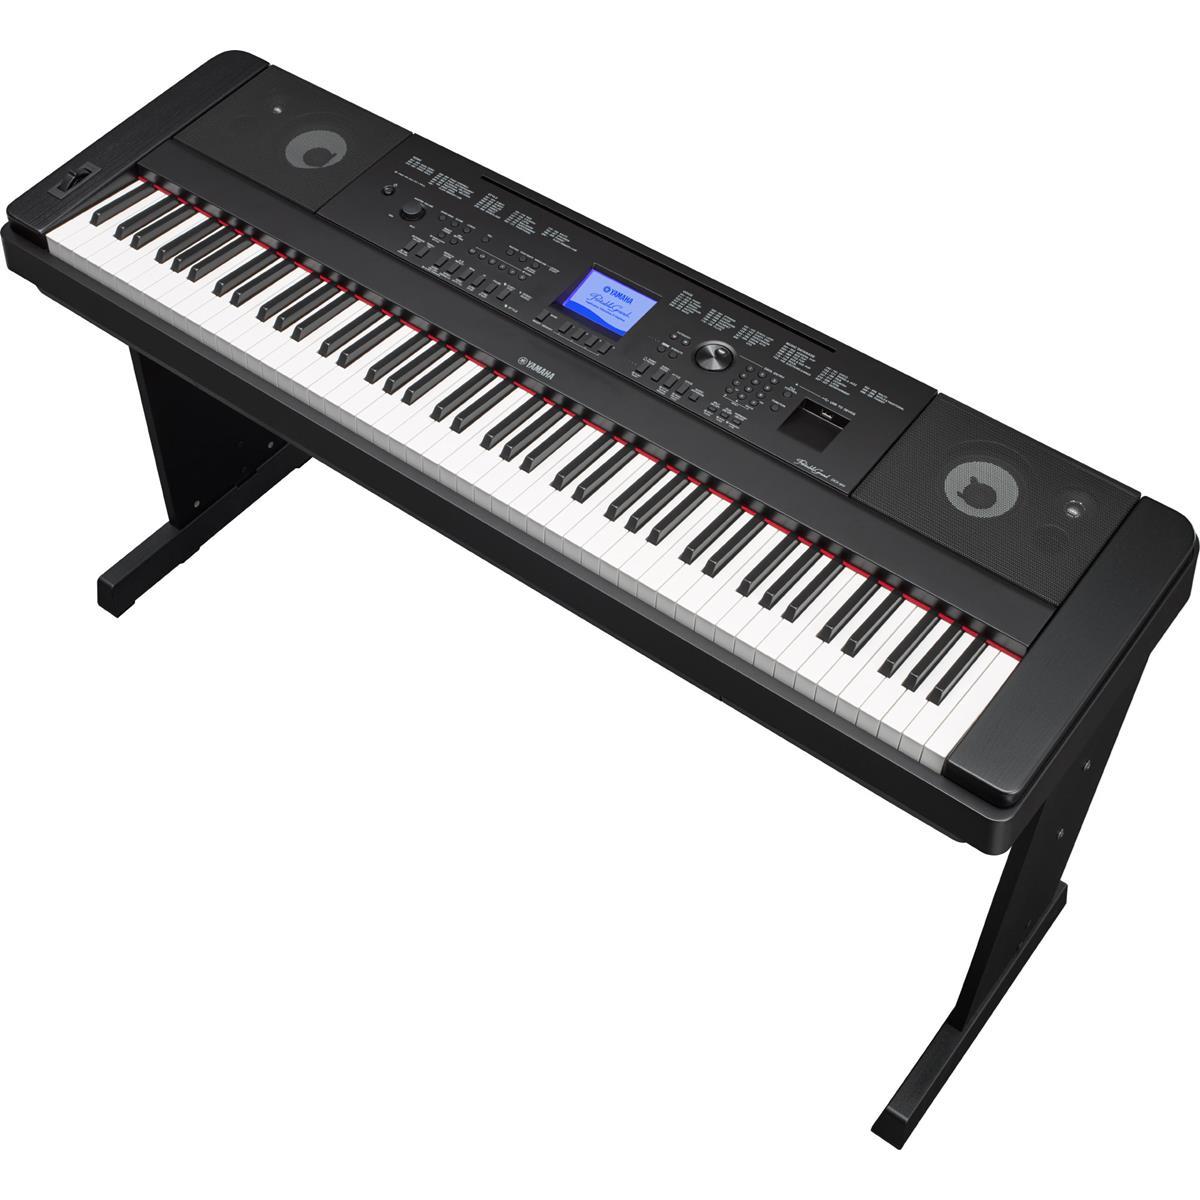 YAMAHA NDGX660B - DIGITAL PIANO OM IT